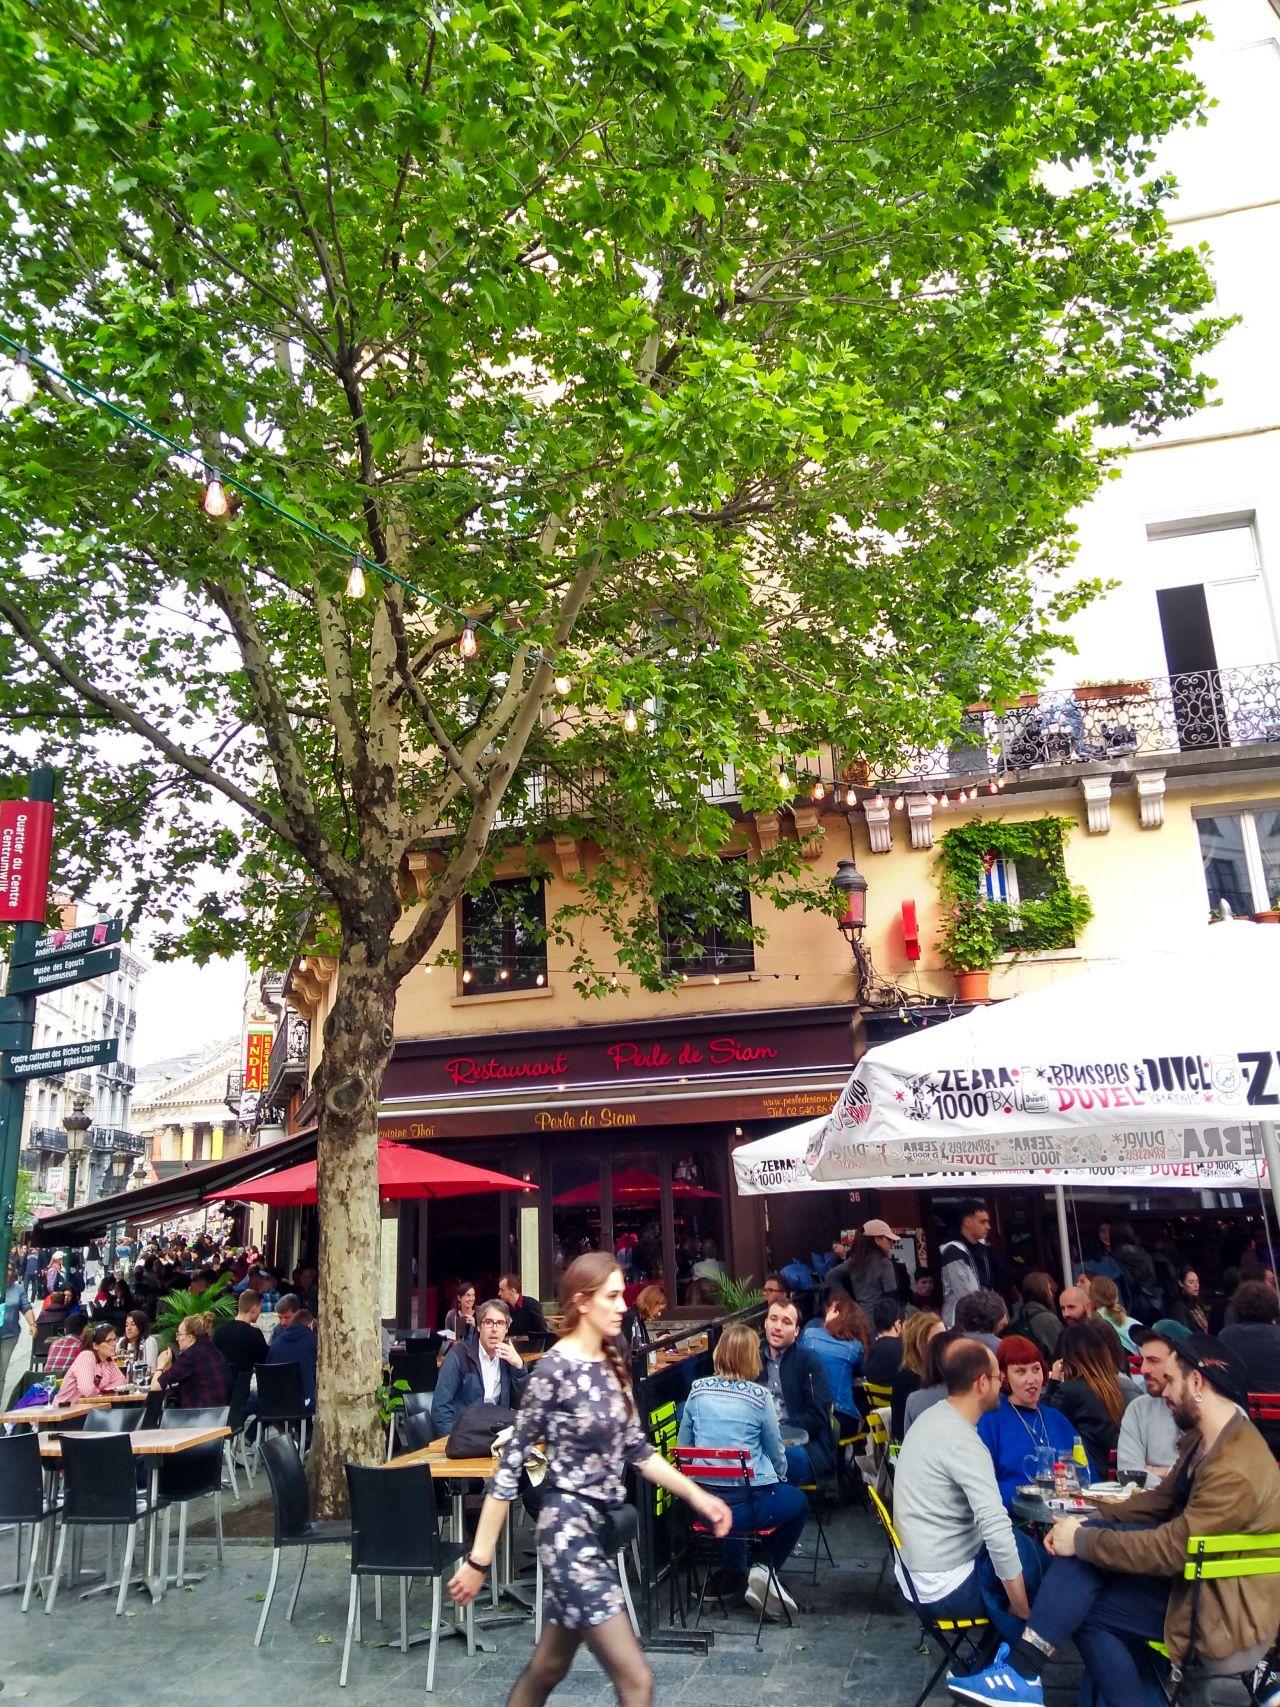 Brussel gezellige wijk6